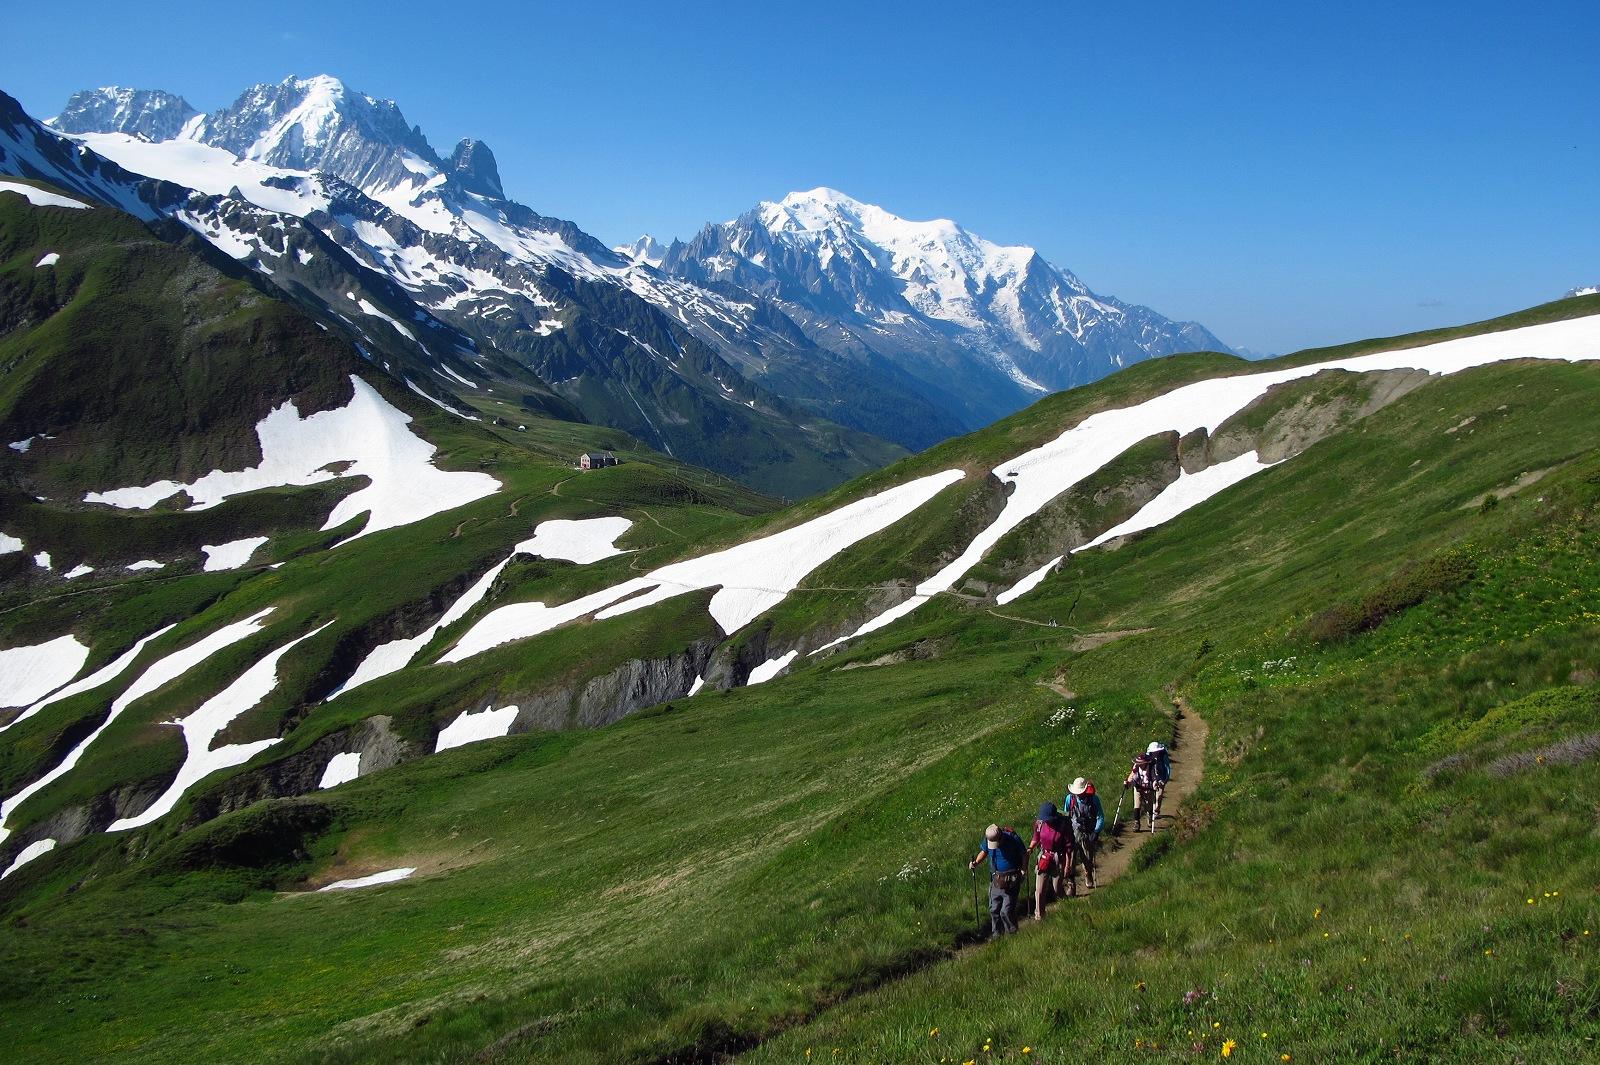 【モンベル×アルパインツアー コラボ特別企画】フランス・モンブラン展望ハイキング 6日間